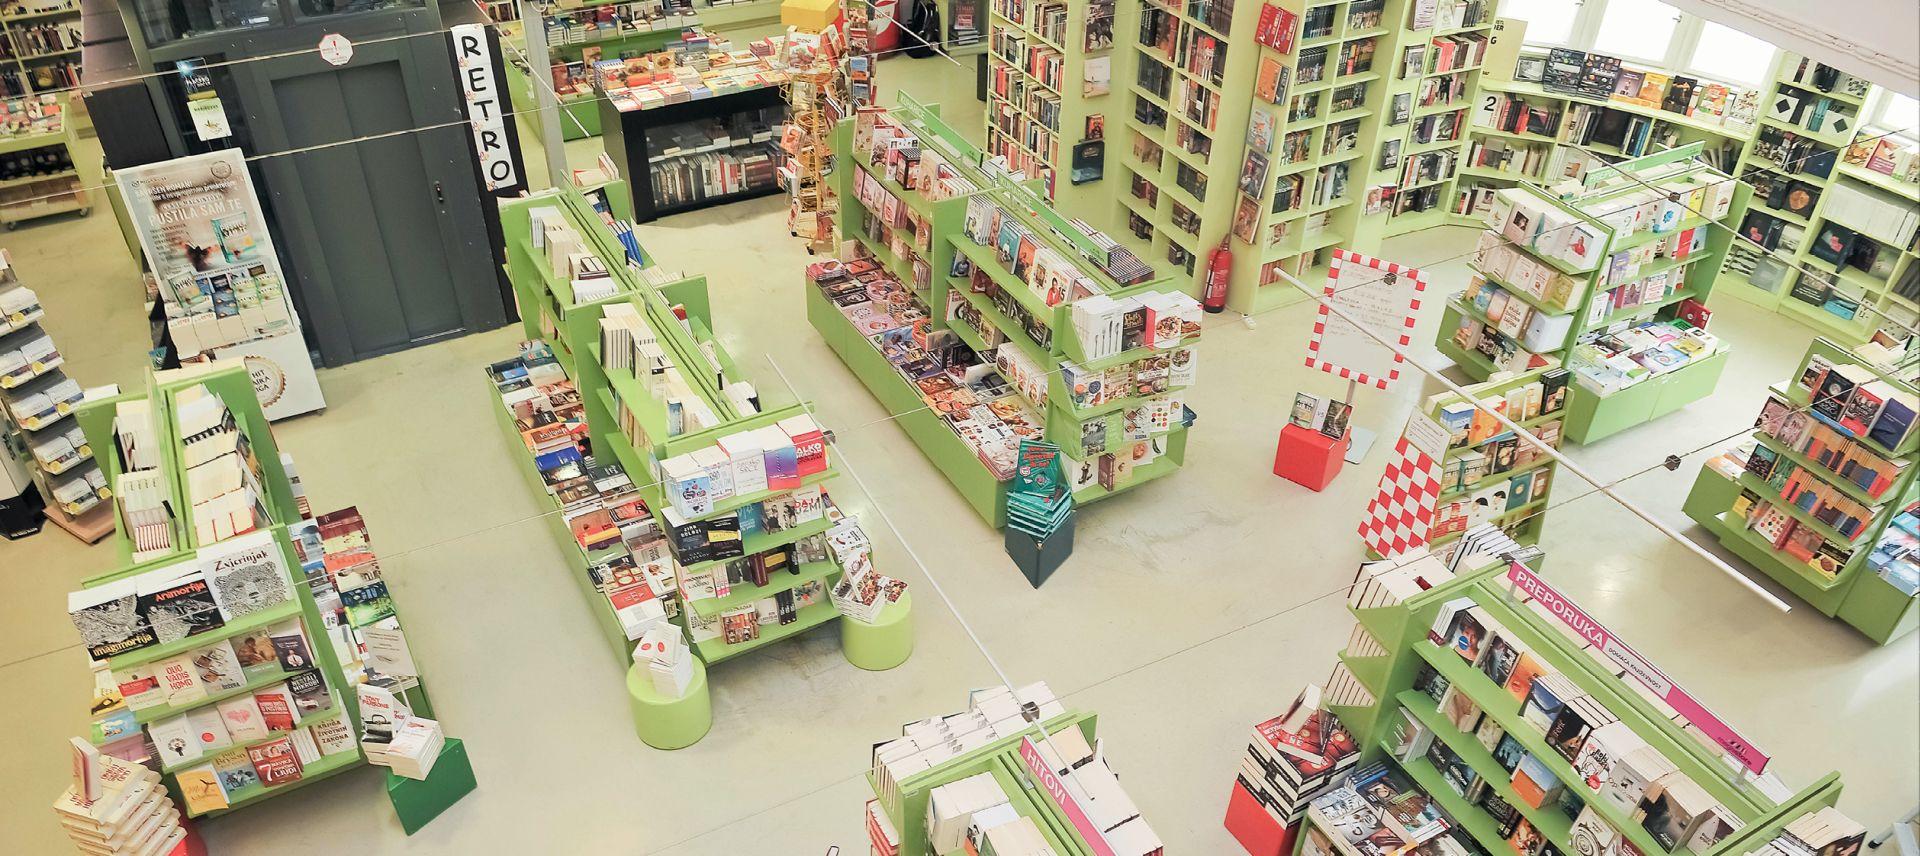 Profil napustio najveći hrvatski knjižarski lanac oprostivši mu višemilijunski dug